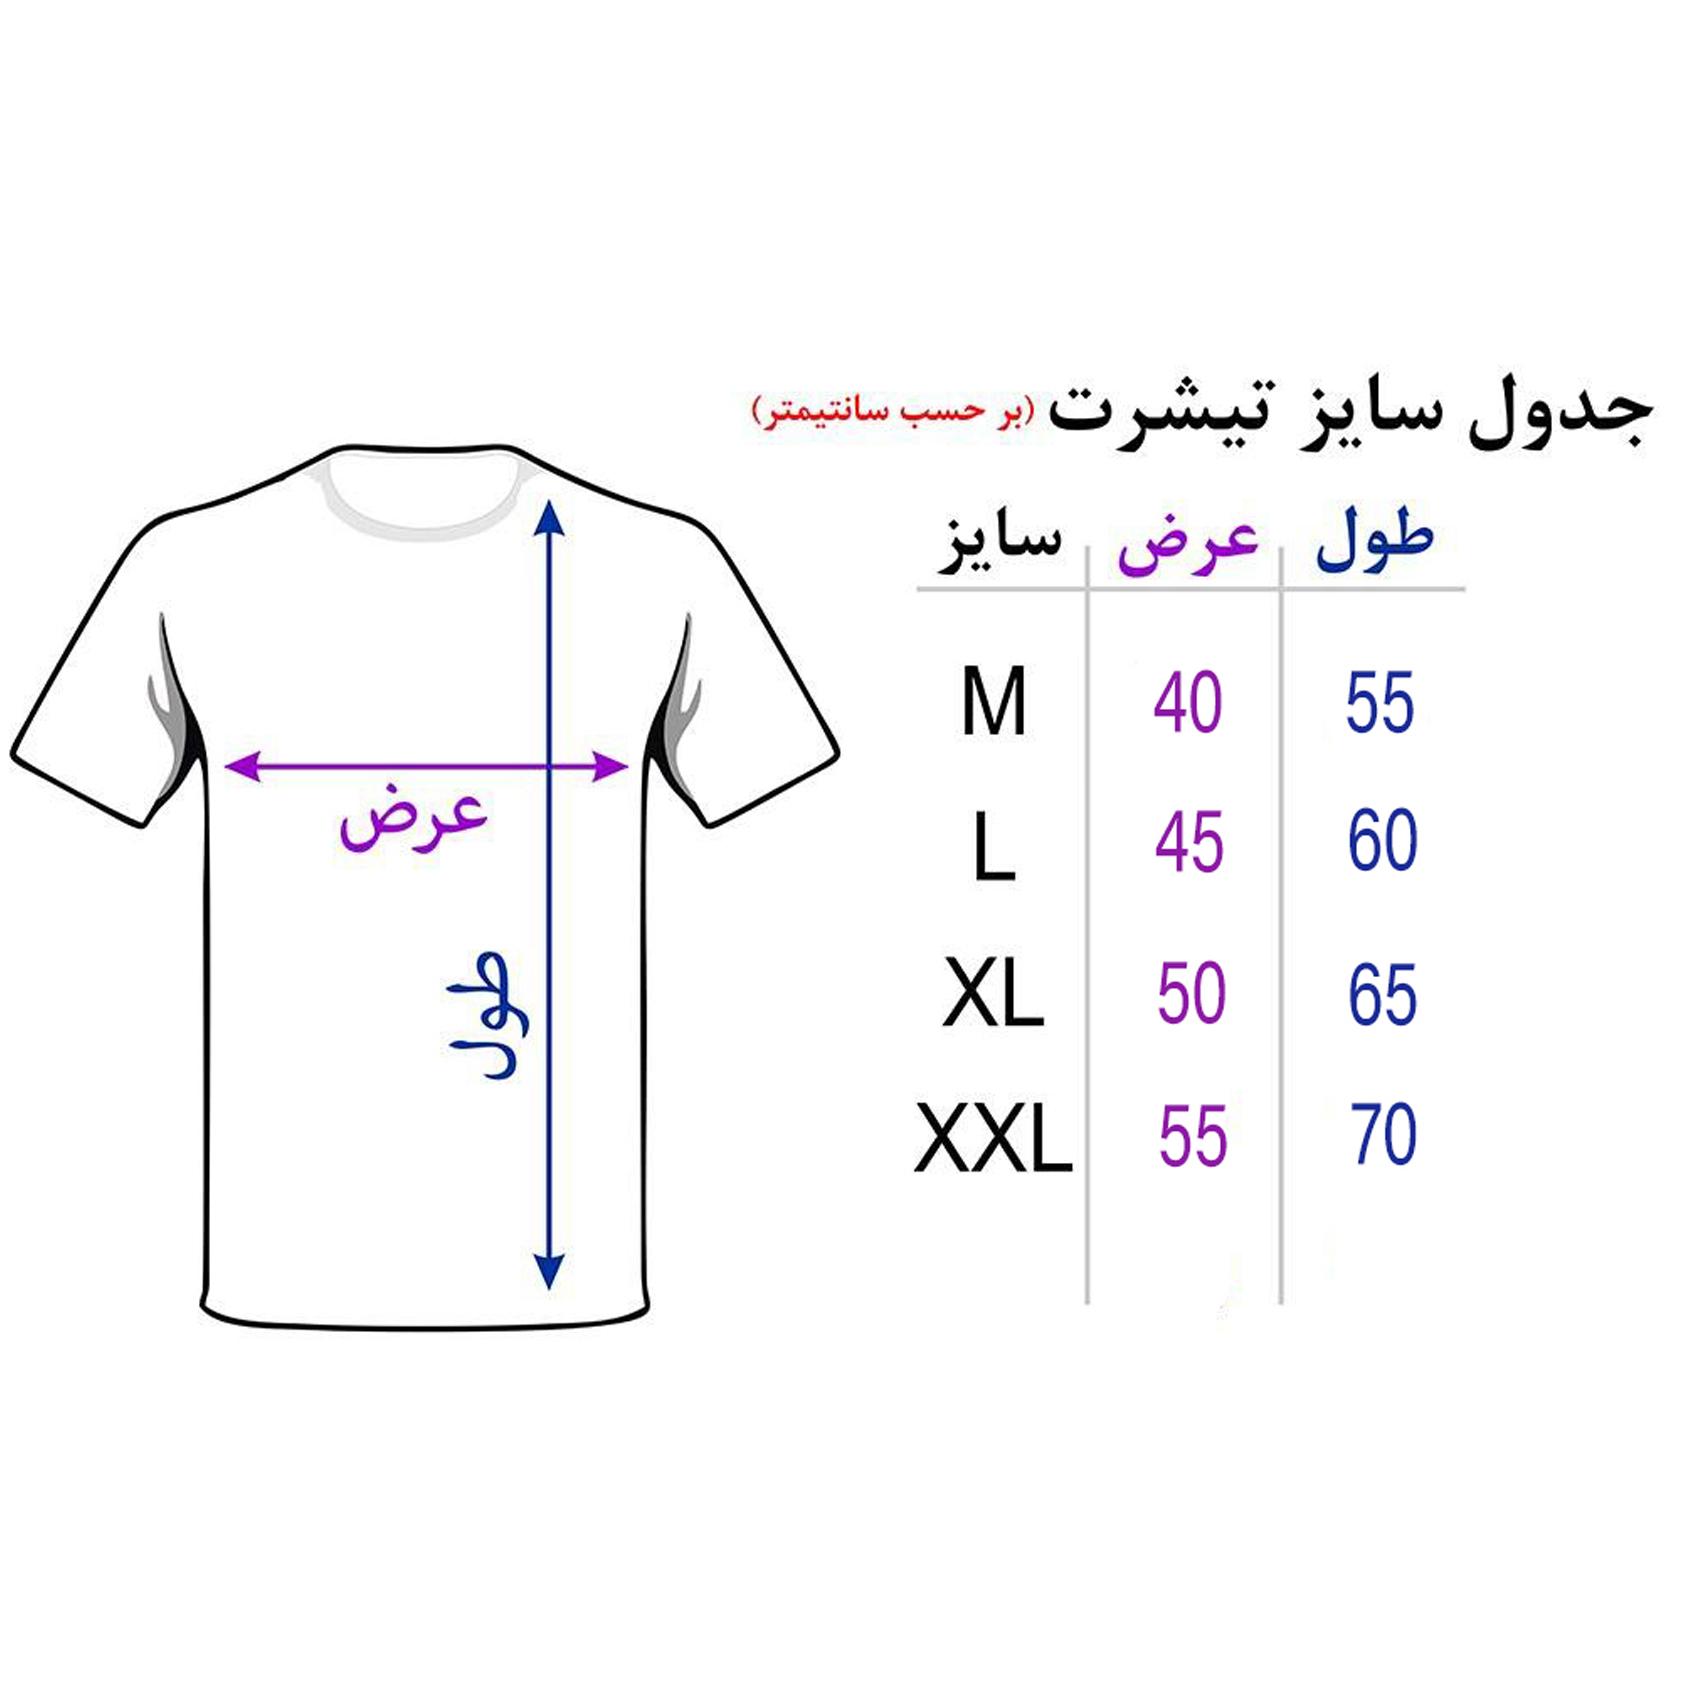 تی شرت آستین کوتاه مردانه طرح Broke کد TR10 رنگ مشکی thumb 4